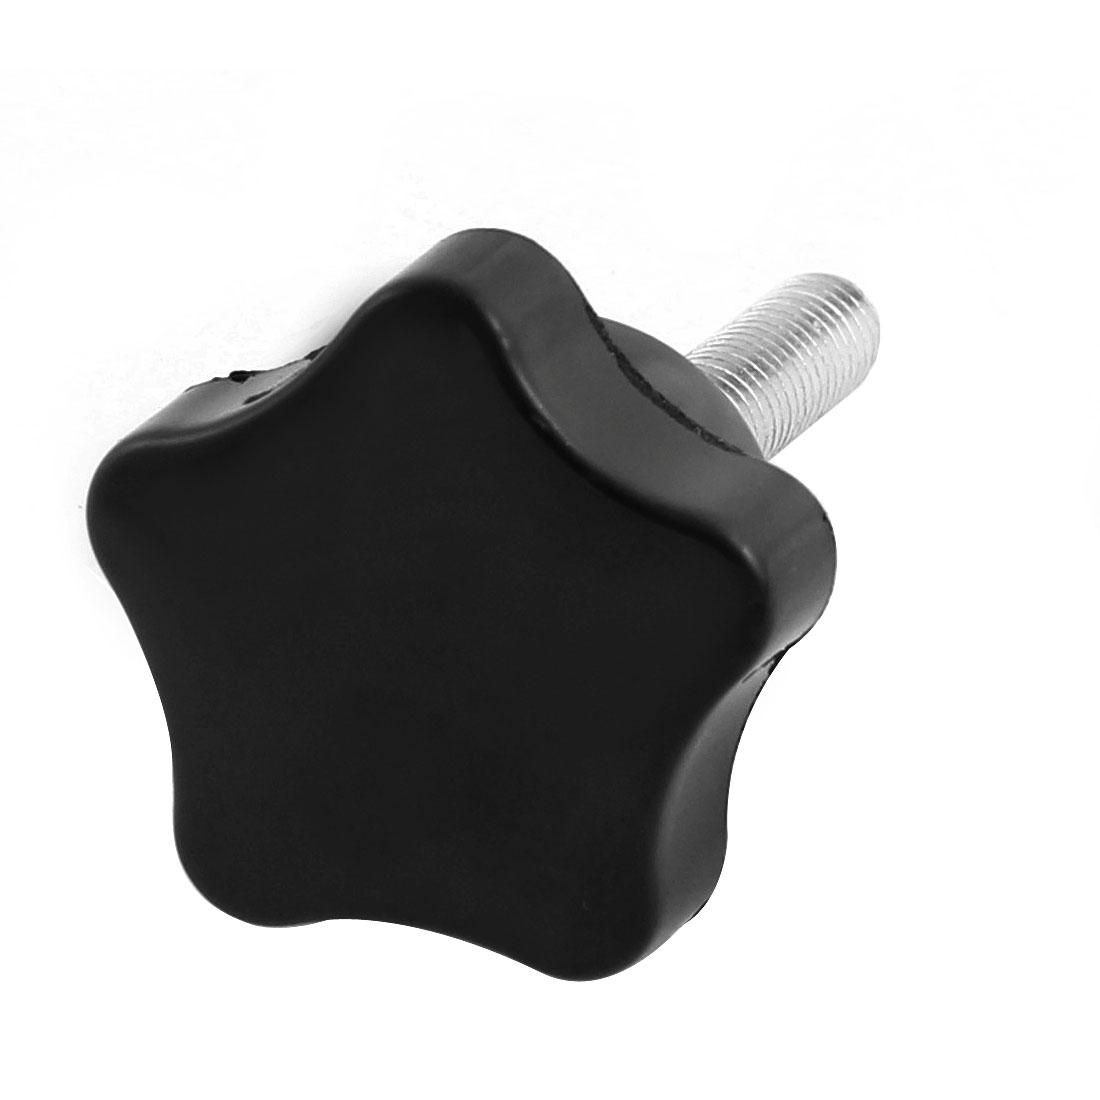 30mm Plastic Star Head M6x30mm Male Thread Screw on Clamping Knob